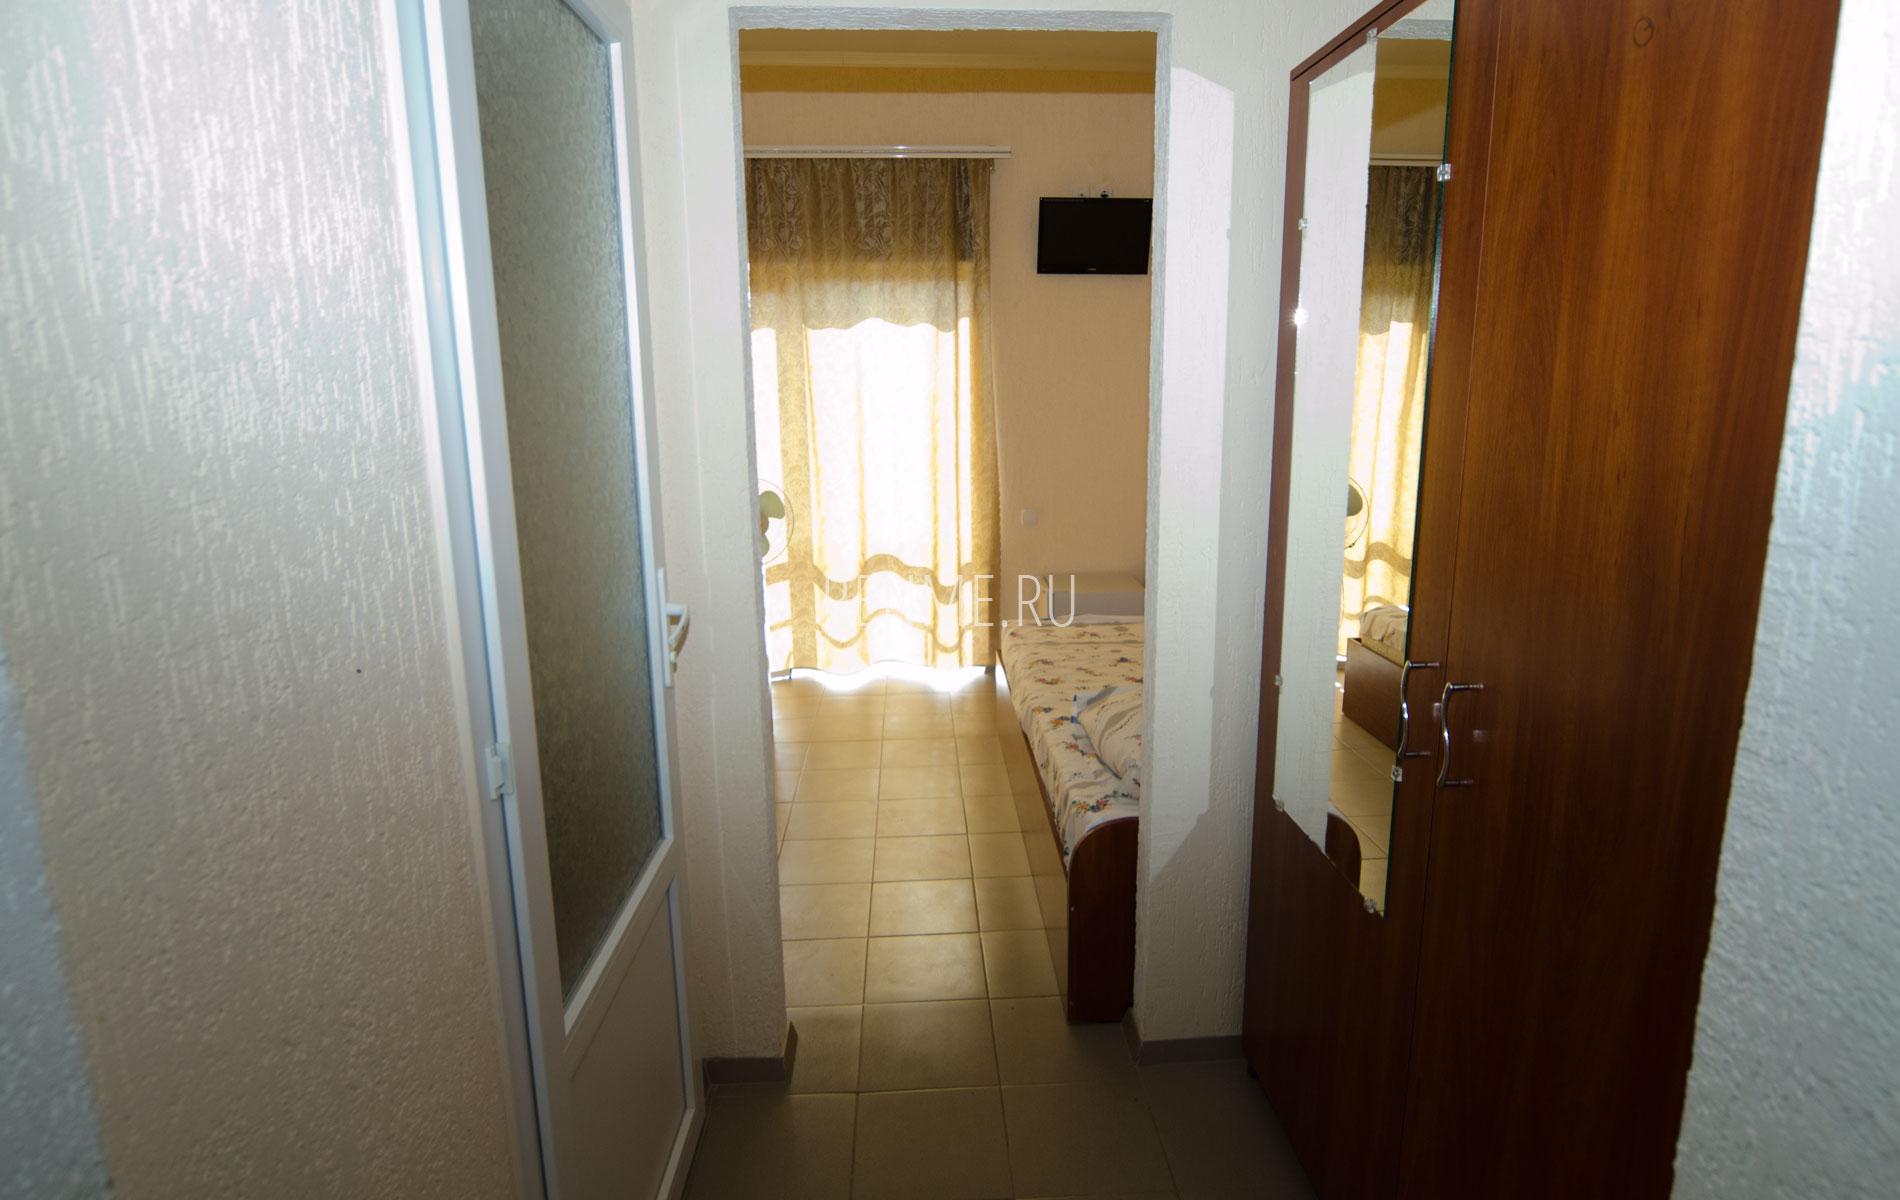 Стандарт 3-х местный. Отель на Песчанке. Заозёрное